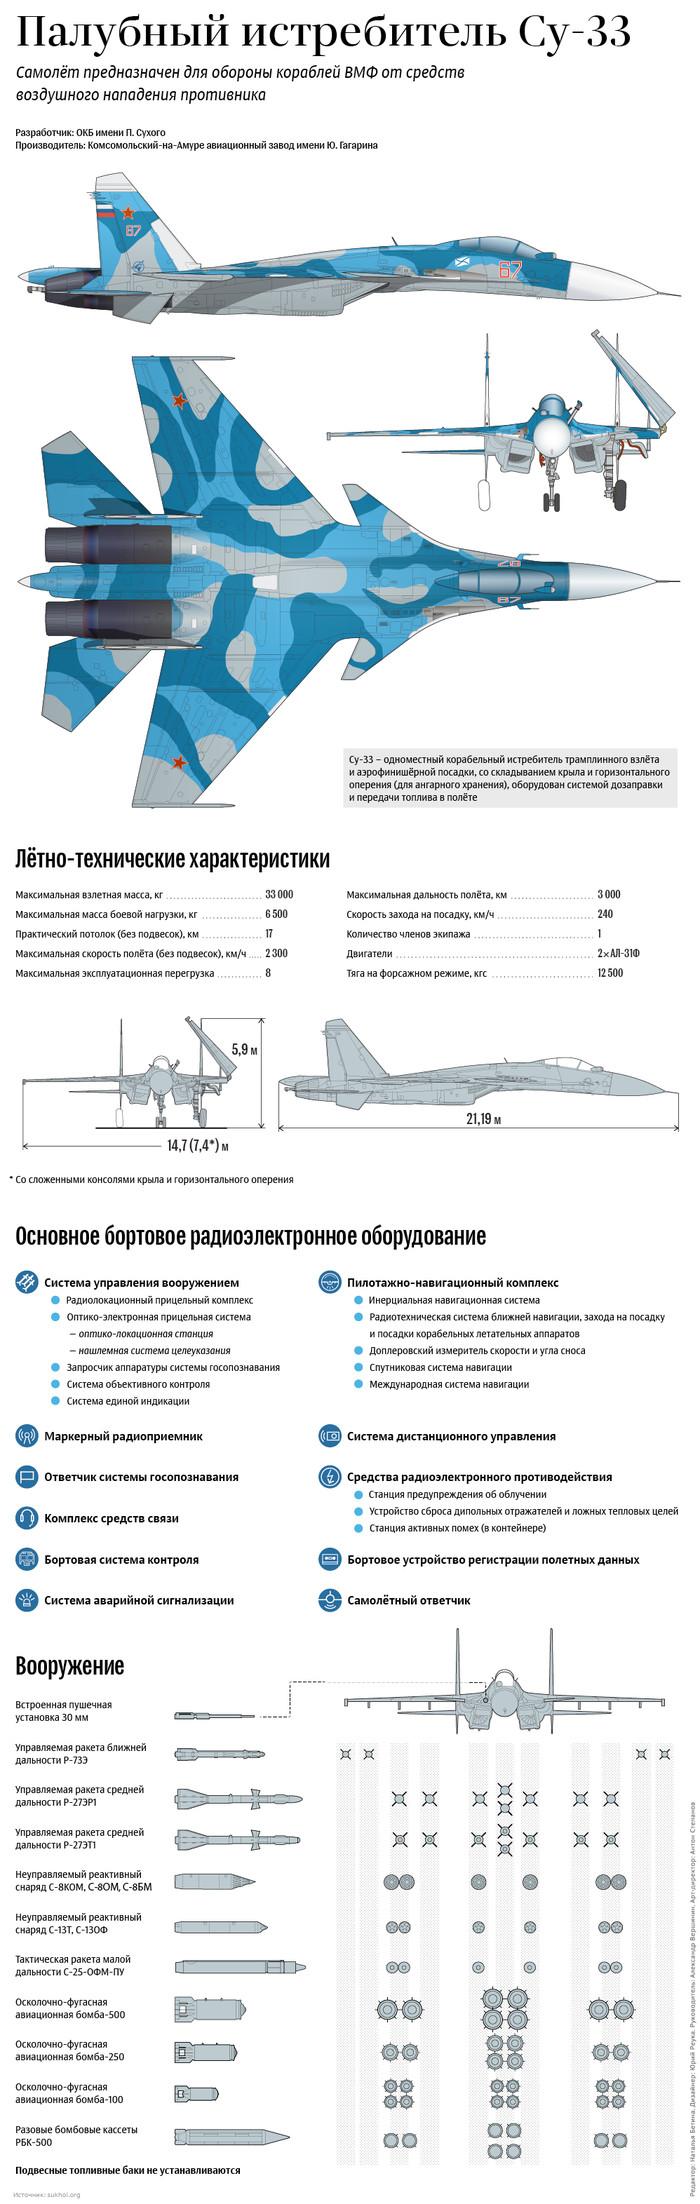 Палубный истребитель Су-33 Боевой самолёт, Инфографика, Длиннопост